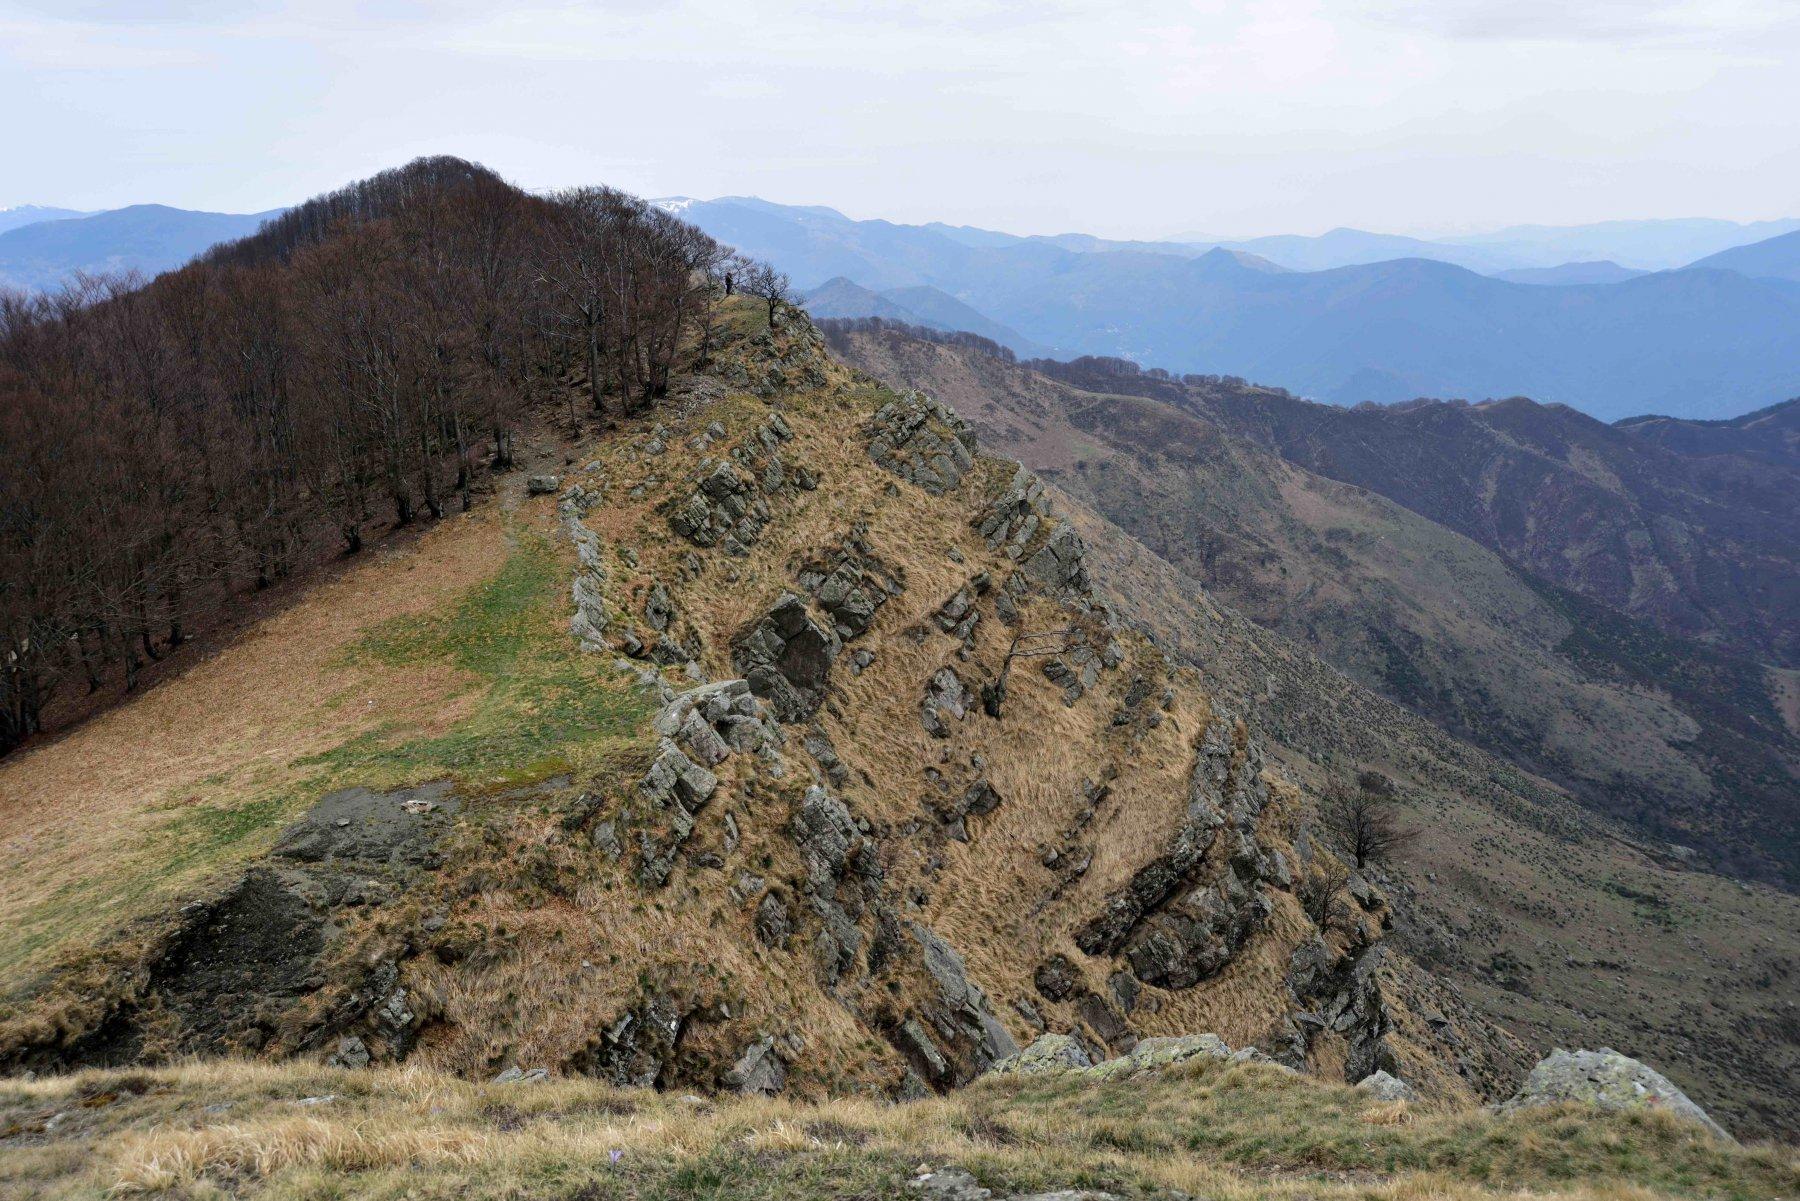 La cresta sommitale del Ramaceto vista dalla vetta ovest